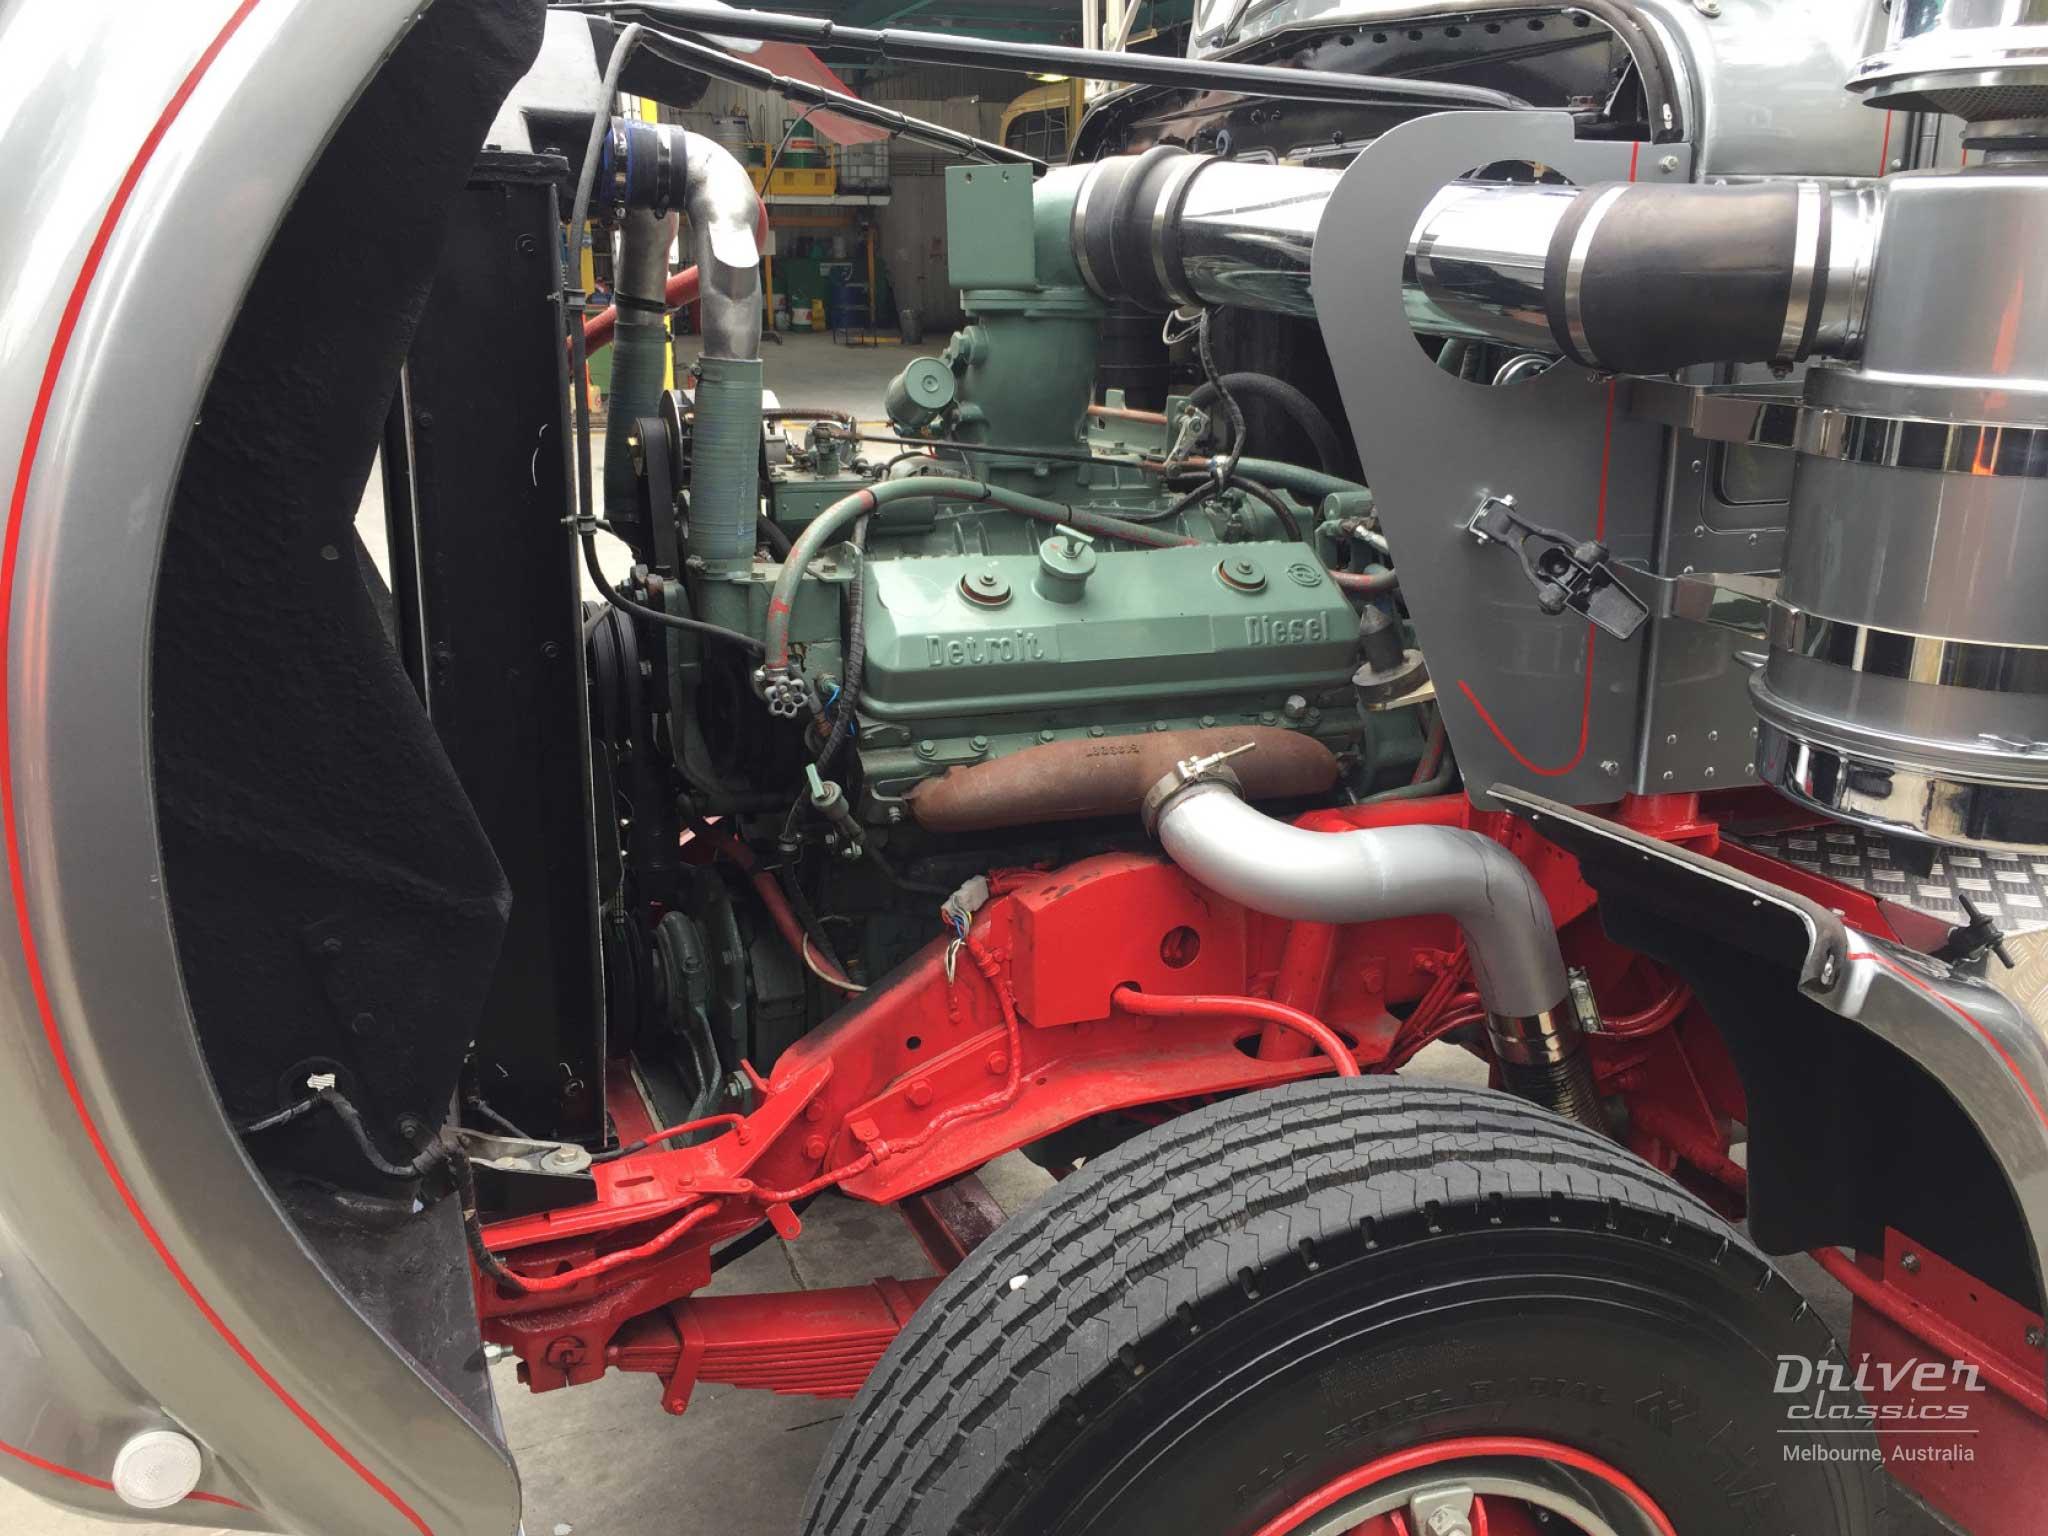 Detroit Diesel 8V71 engine in Kenworth W925